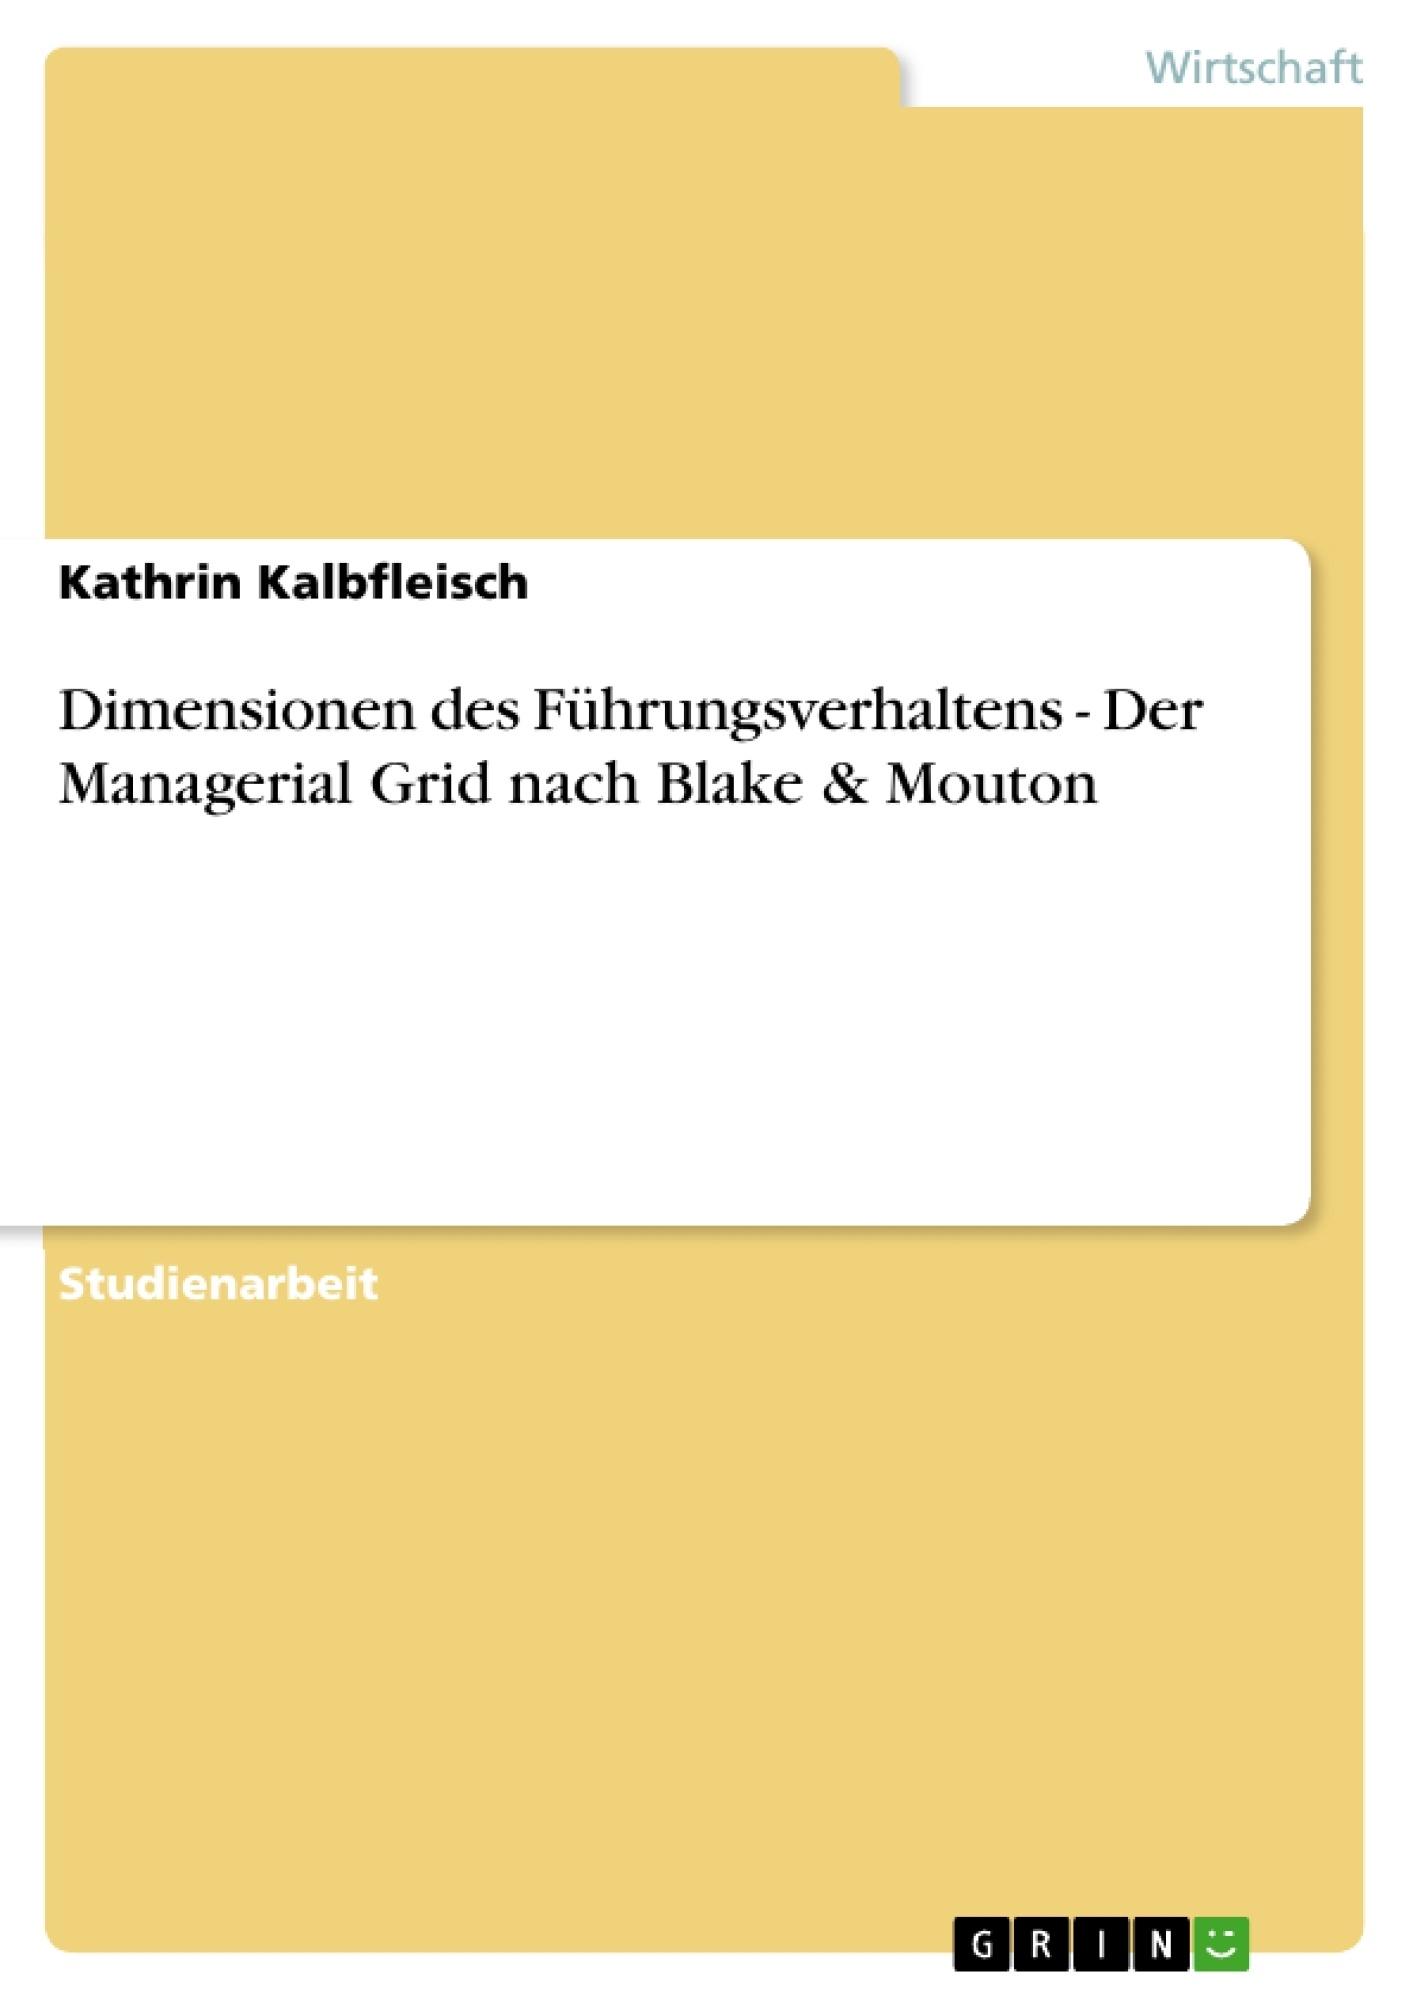 Titel: Dimensionen des Führungsverhaltens - Der Managerial Grid nach Blake & Mouton